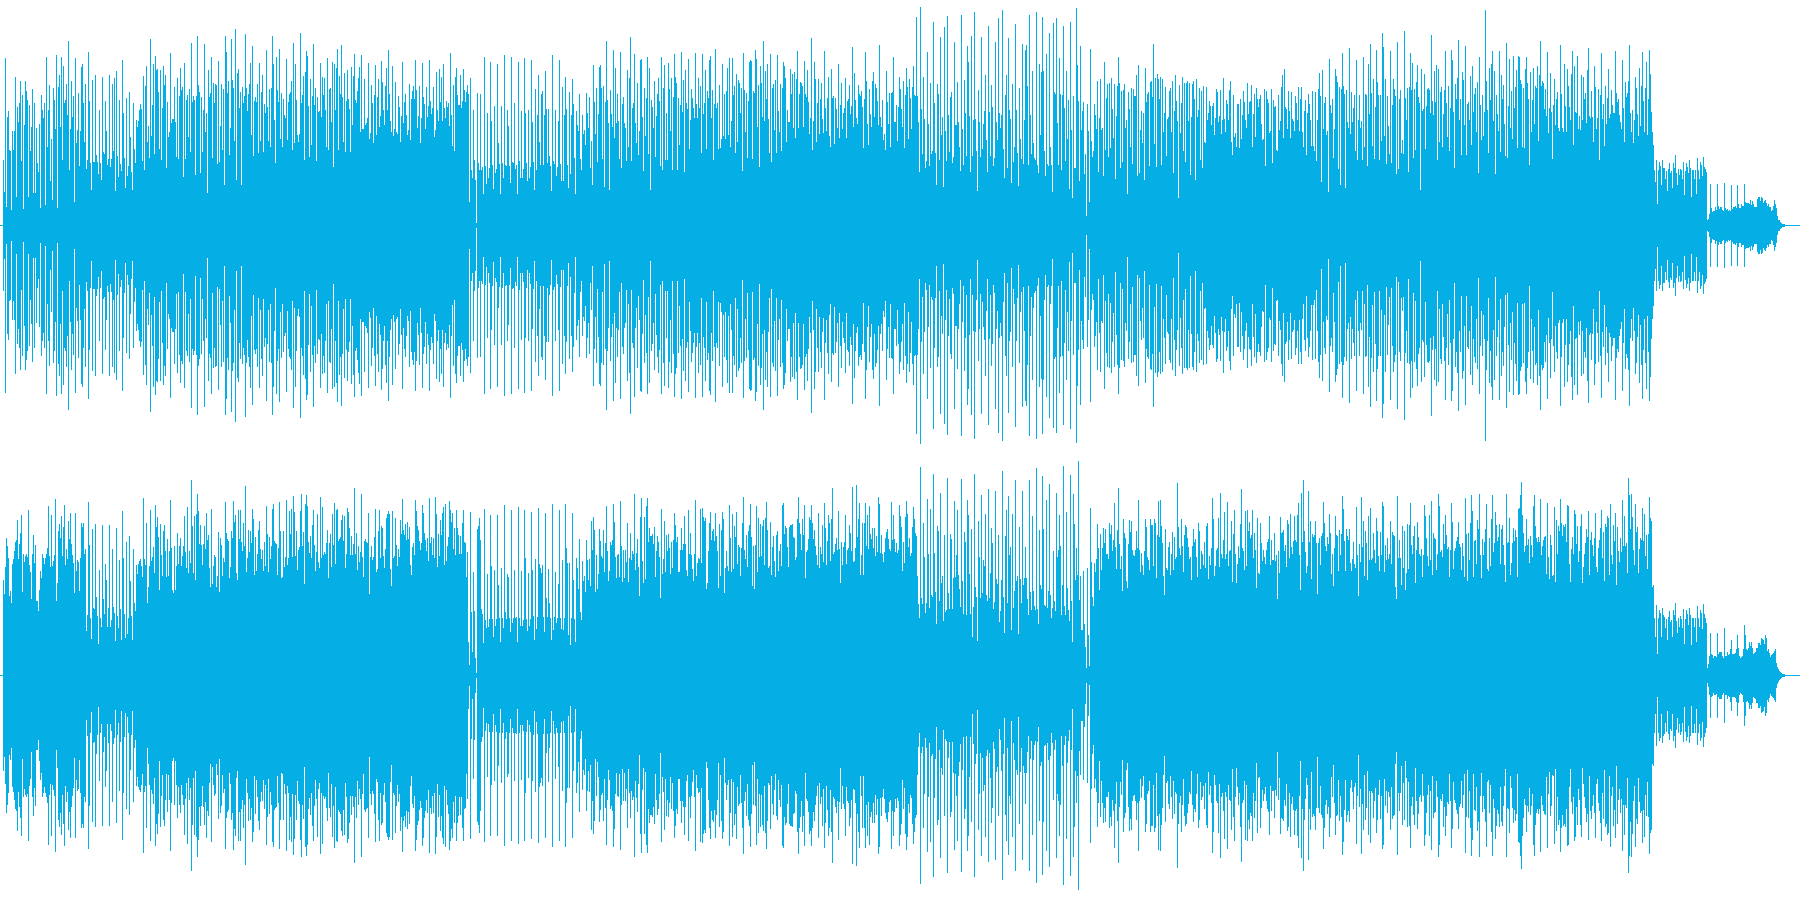 シンセサイザーによるかわいらしいポップスの再生済みの波形